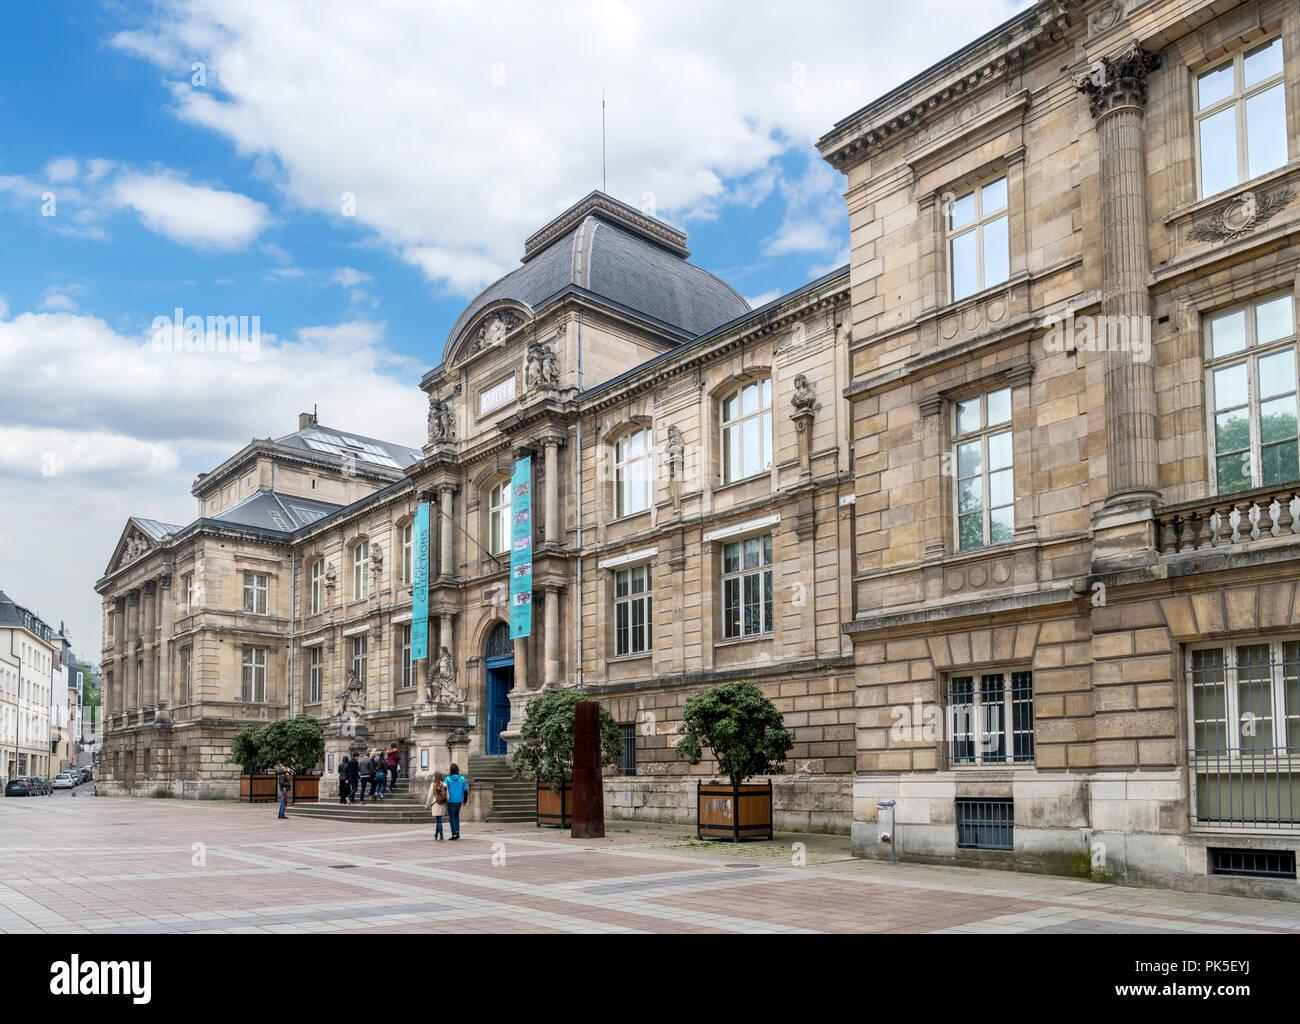 Musée des Beaux-Arts, Rouen, Normandy, France Stock Photo